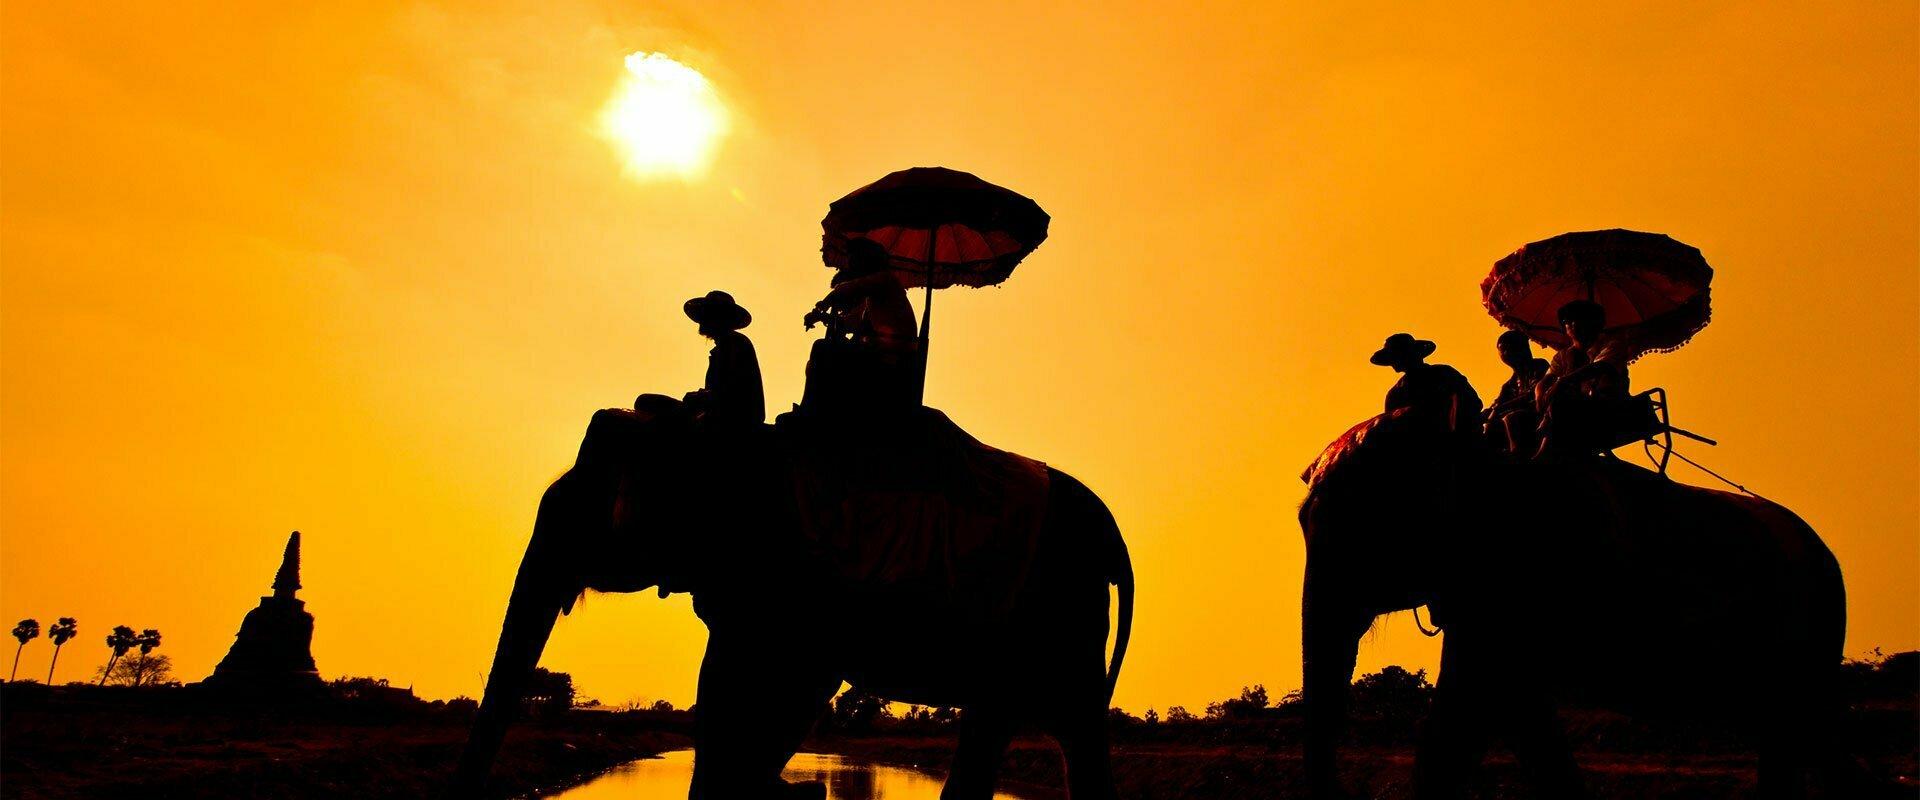 Voyage en Thailande - Thailande incroyable 16 jours